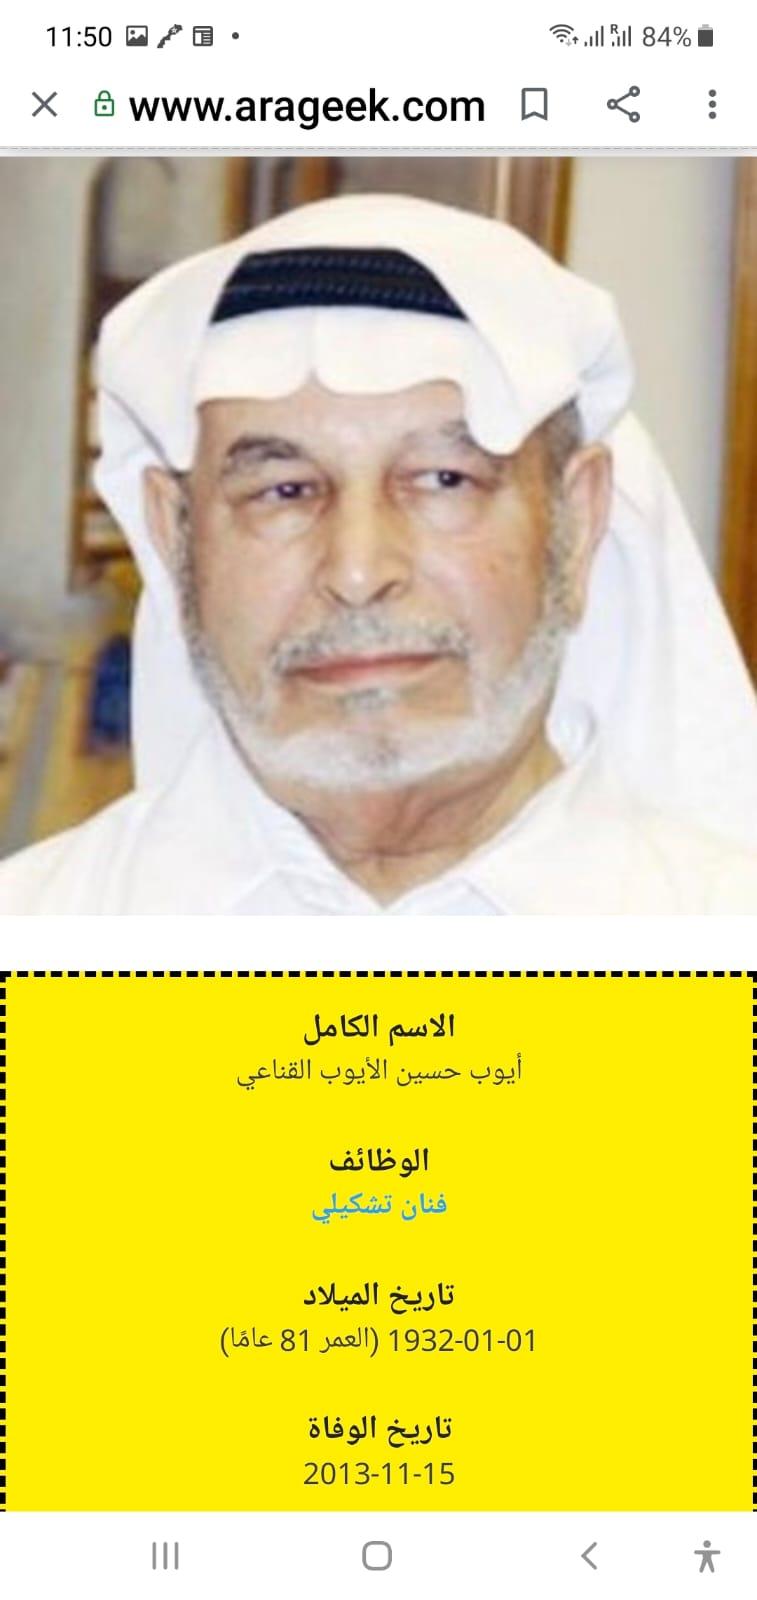 أيوب الحسين الأيوب القناعي-Koweit-Ayoub Al Hussein